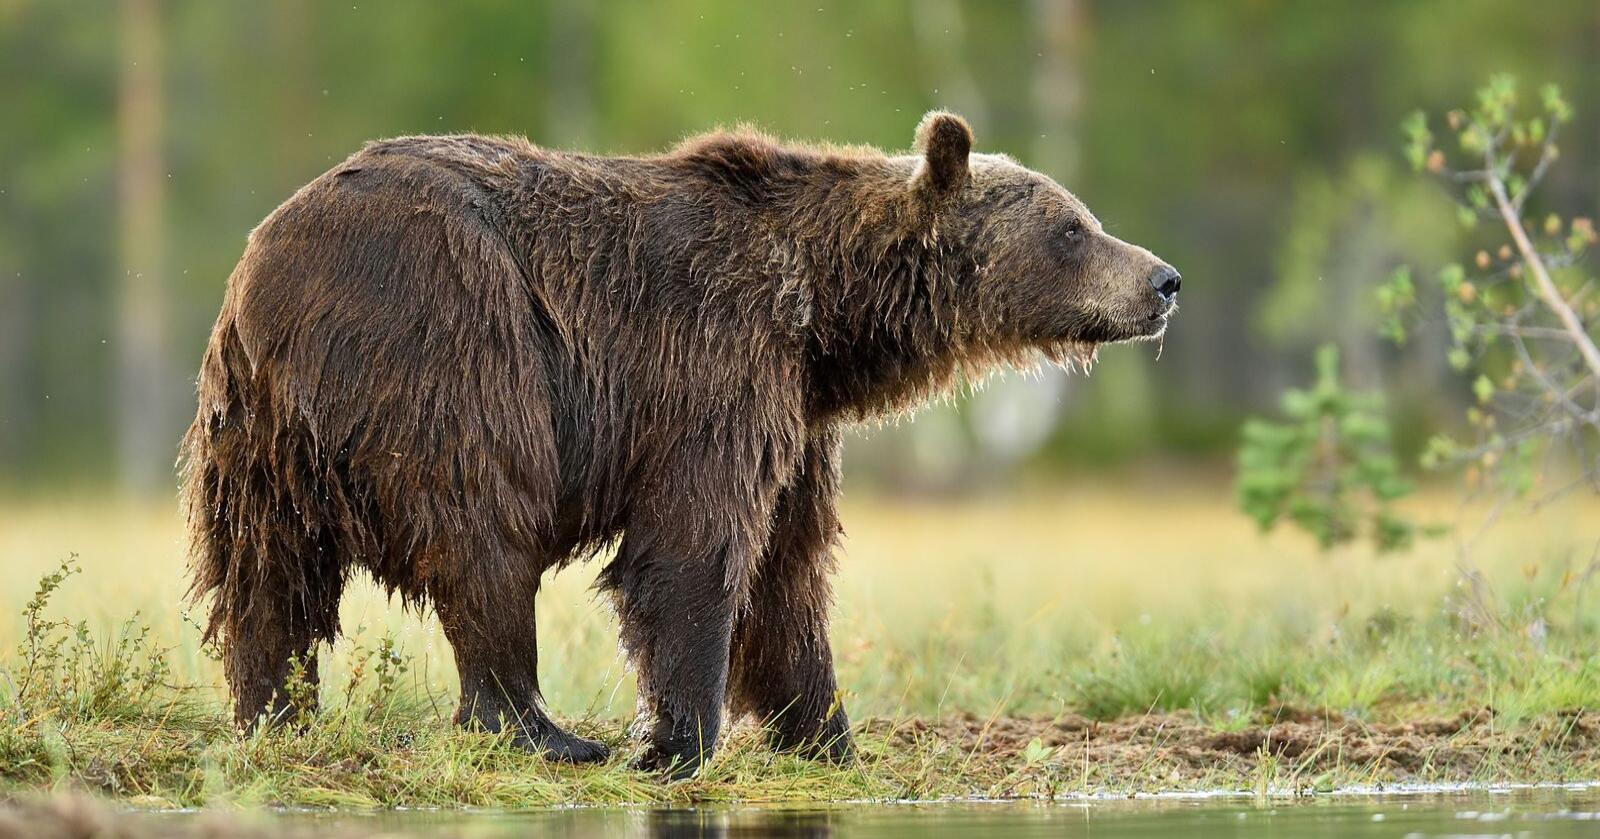 Illustrasjonsfoto: I forrige uke ble det på nytt gitt avslag om fellingstillatelse av bjørnebinna som har gjort stor skade i Bardu i Troms. Klima- og miljødepartementet viser til at bjørnebestanden ligger godt under bestandsmålet, og har derfor bestemt at bjørnen i stedet skal flyttes fra området. Foto: Mostphotos